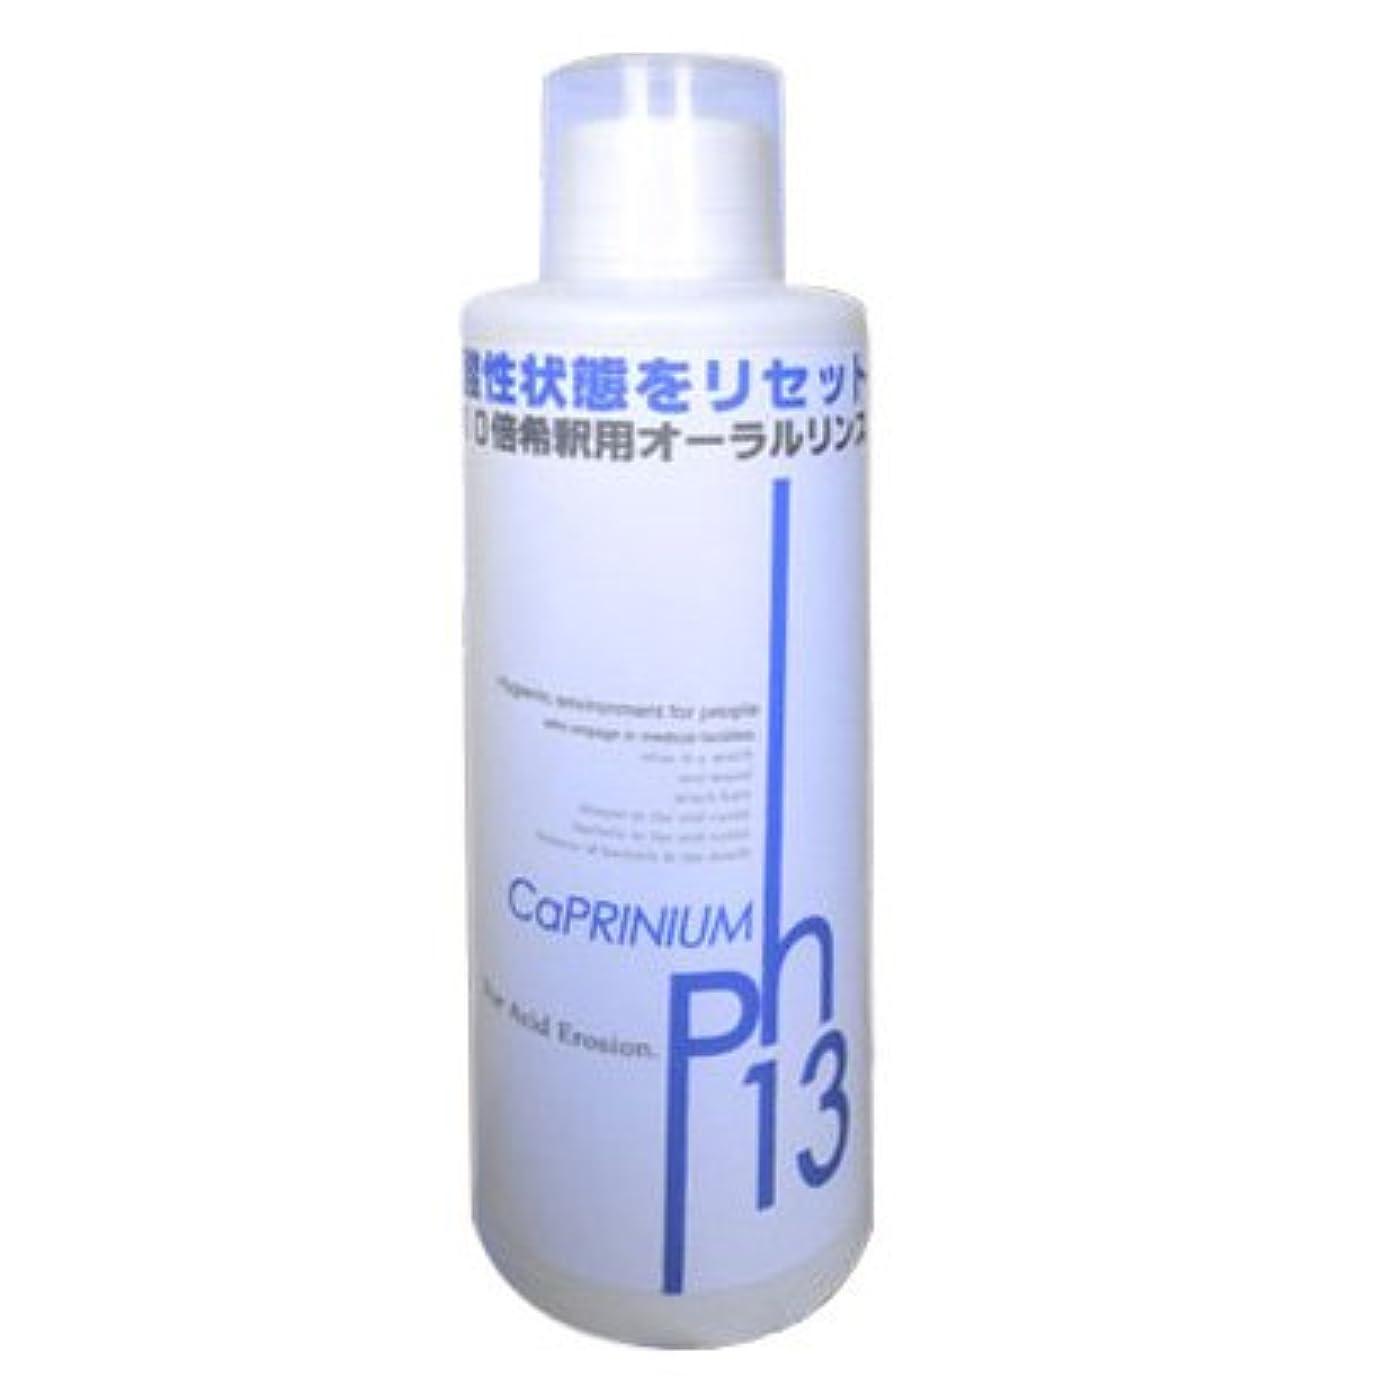 プラットフォーム名前はげカプリニウム サーティーンリンス(CaPRINIUM 13)